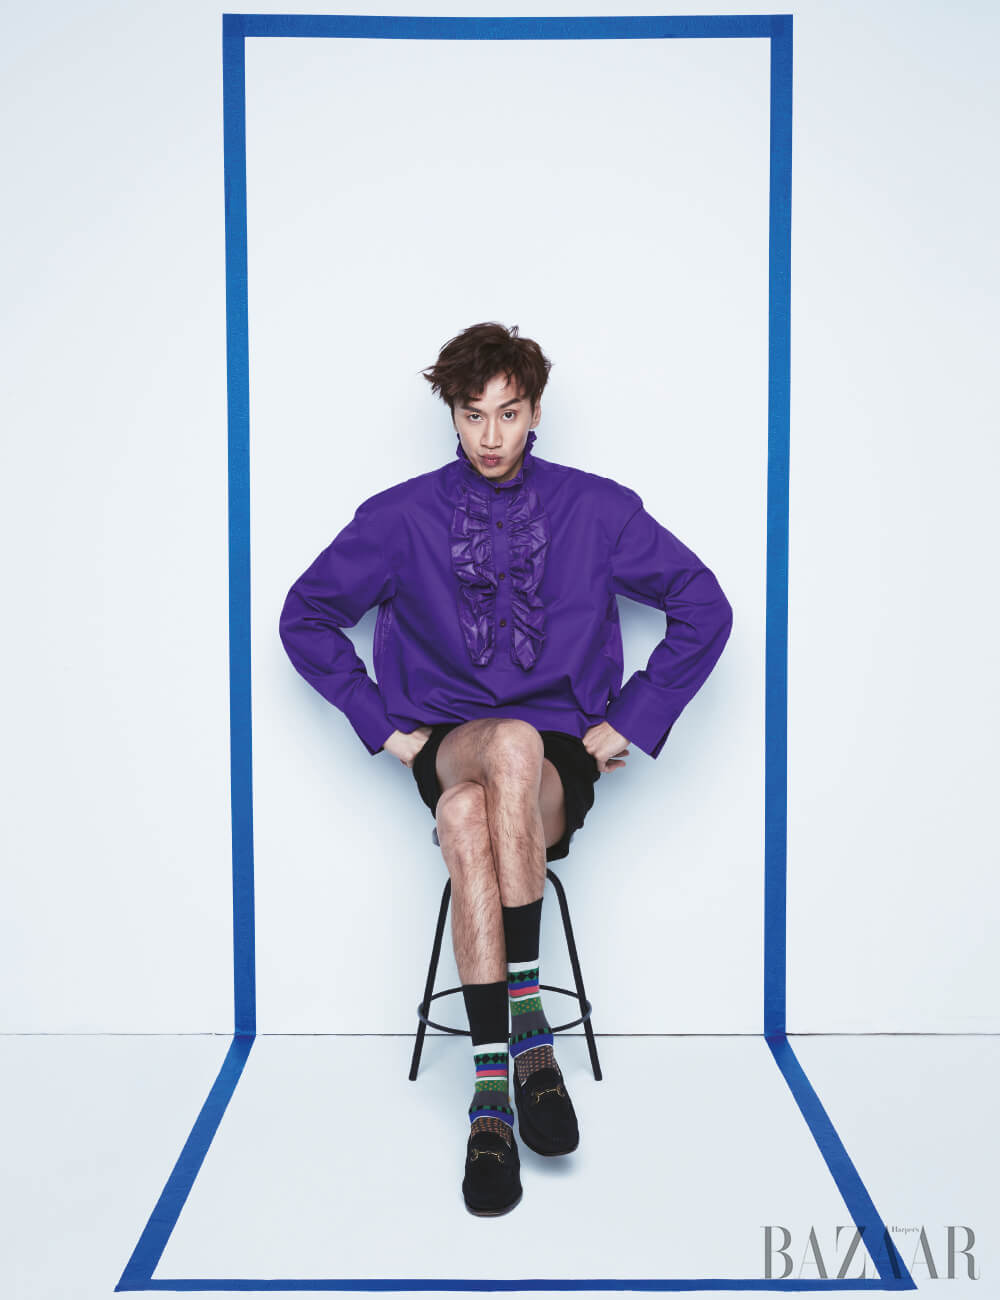 프릴 셔츠, 팬츠는 모두 Kwanghyo Chang, 슈즈는 Carmina by Unipair, 양말은 스타일리스트 소장품.